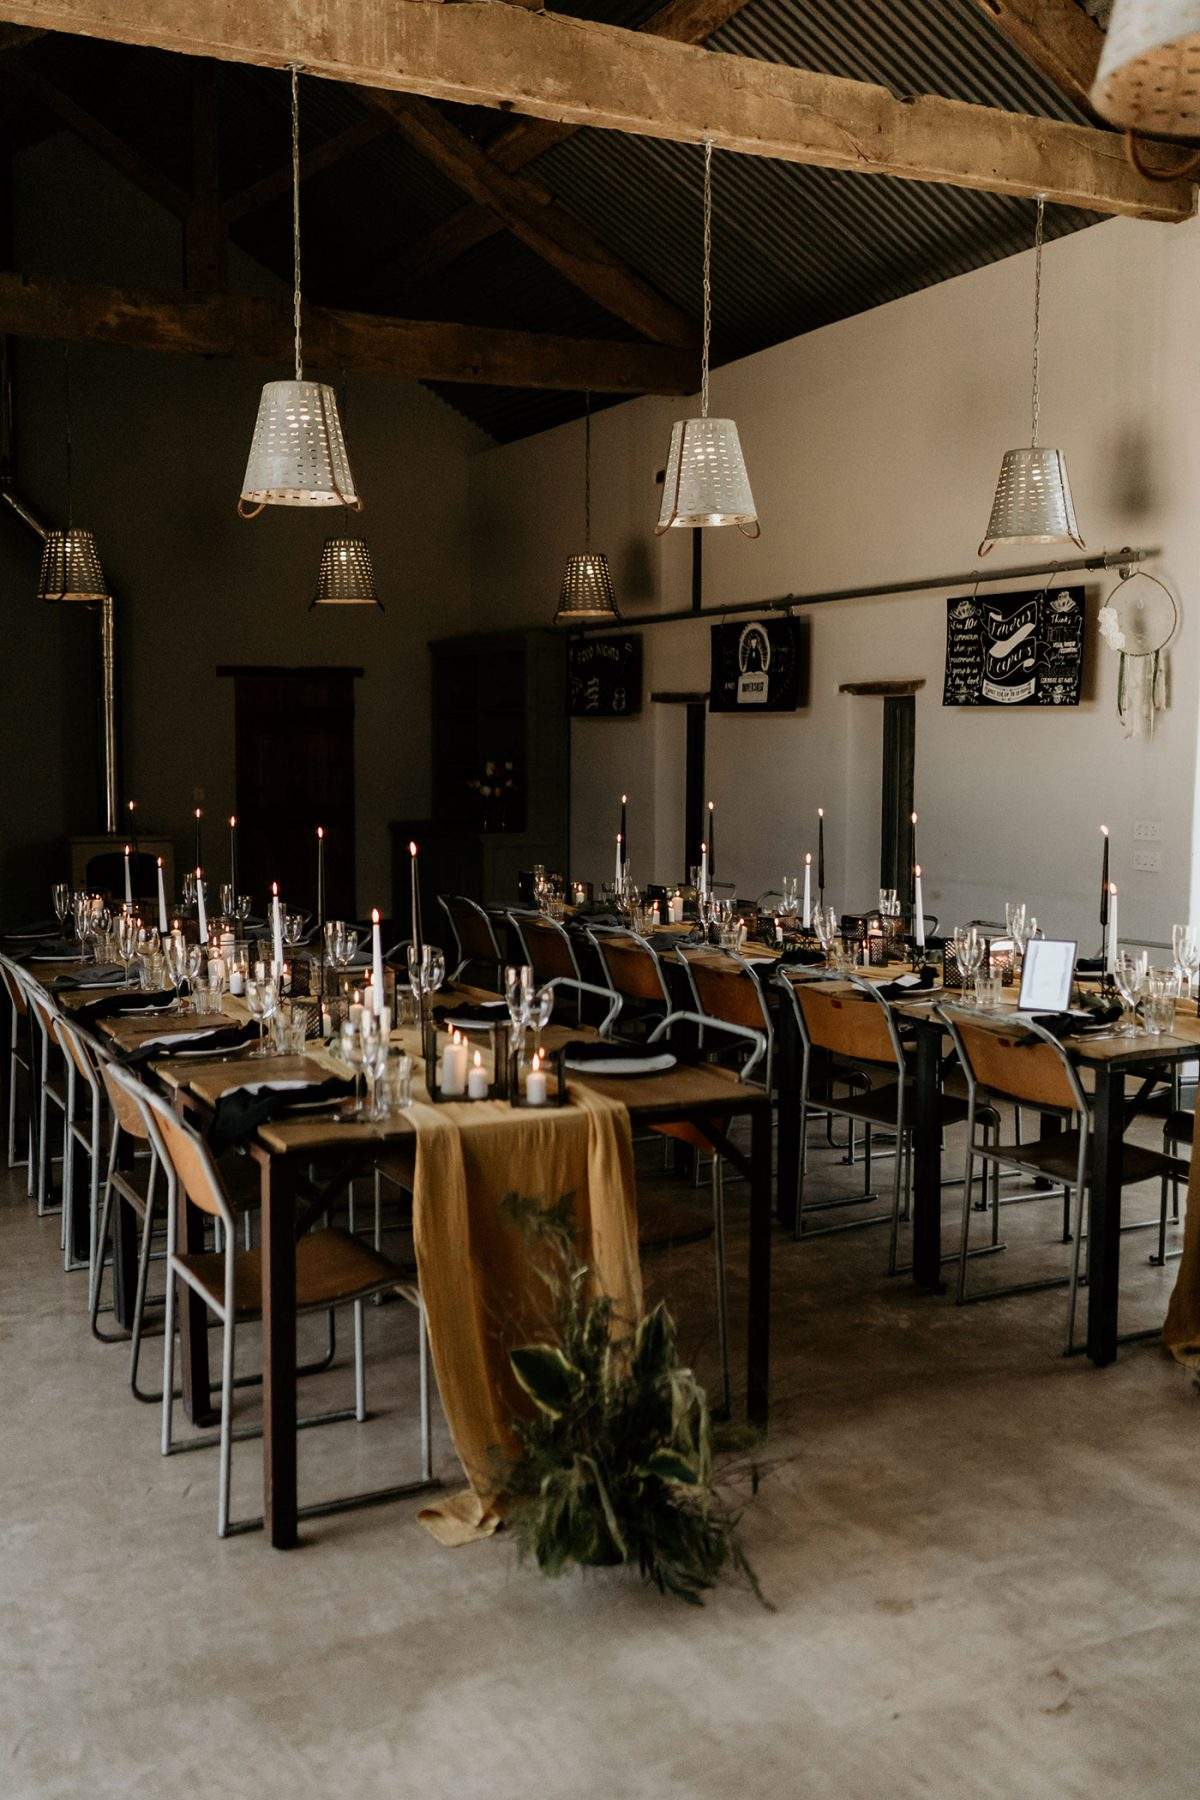 Drovers Barn Wedding Venue